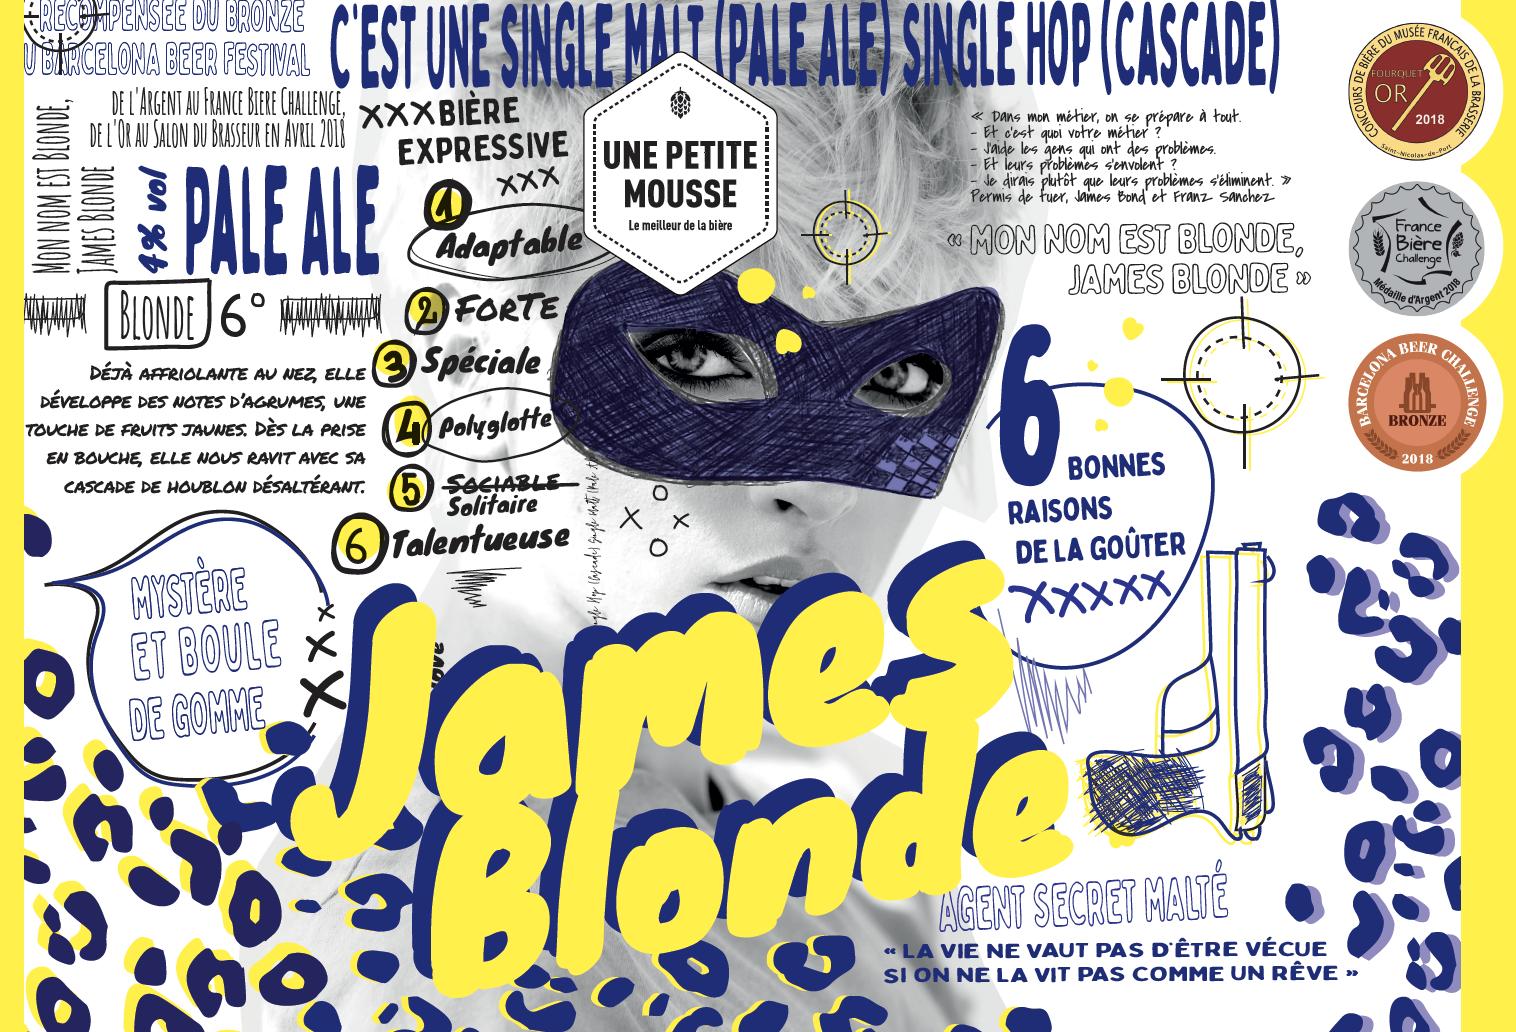 l'étiquette de la James Blonde